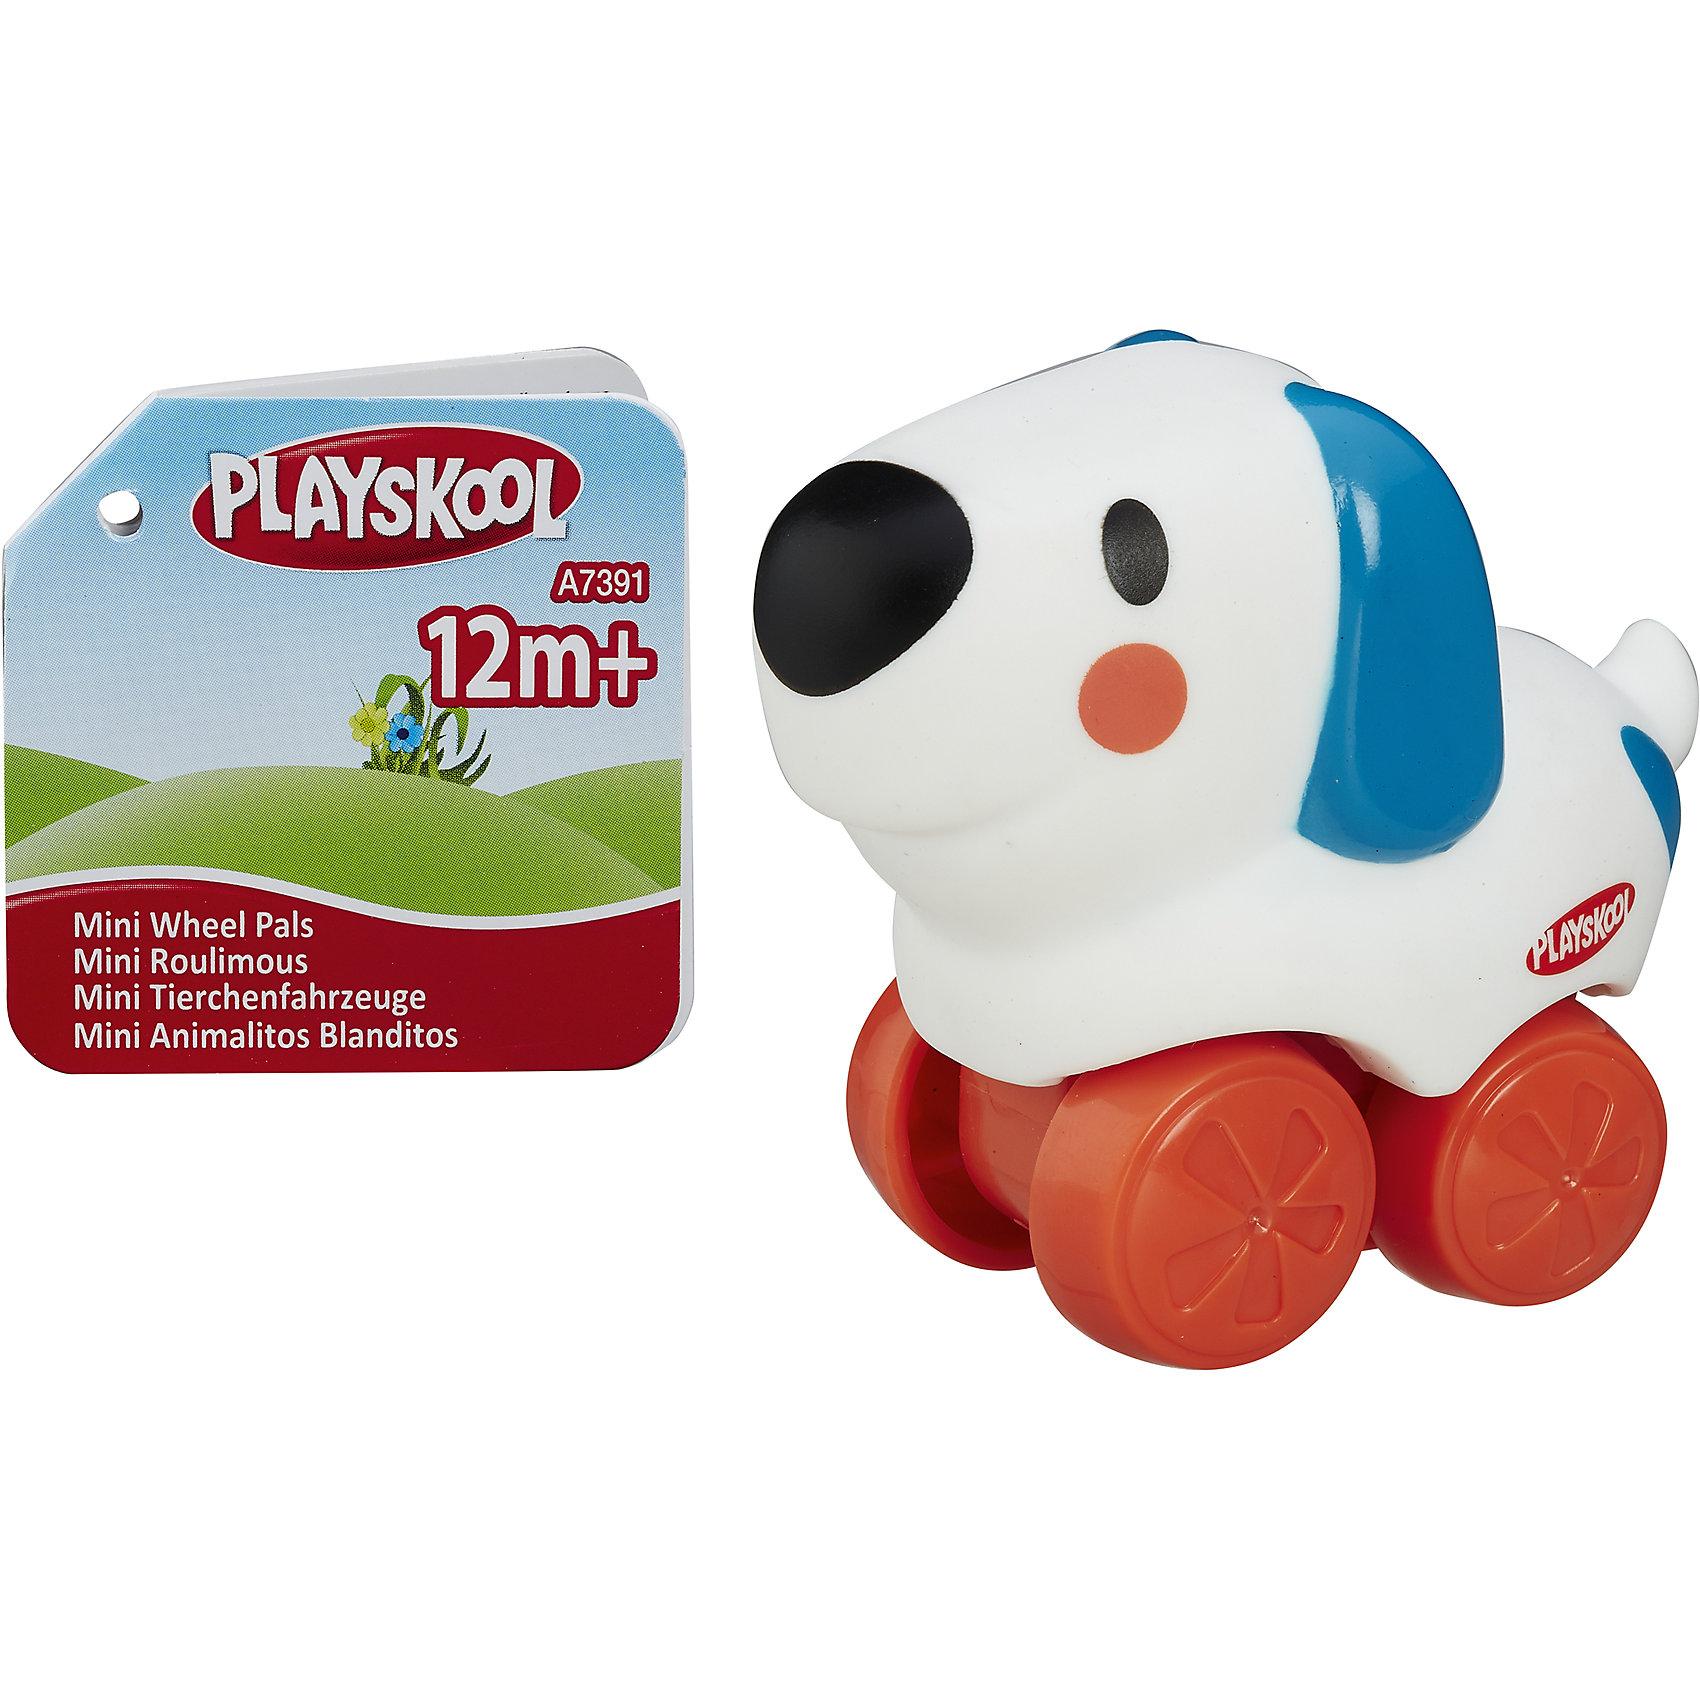 Веселые мини-животные Возьми с собой: Собачка, PLAYSKOOLИгрушки-каталки<br>Веселые мини-животные Возьми с собой, PLAYSKOOL, 4845/A7391<br><br>Характеристики:<br><br>• Цвет: белый, красный<br>• Игрушка: собачка<br>• Каталка на колесиках<br>• Материал: пластик<br><br>Миниатюрная каталка в виде животного подарит малышу море радости и позитива. Сделана игрушка из качественного материала, который не вредит ребенку. Игрушку легко мыть, она не тускнеет и не портится от длительного использования. Такая игрушка сможет развить мелкую моторику рук, благодаря плотному, но не жесткому материалу.<br><br>Веселые мини-животные Возьми с собой, PLAYSKOOL, 4845/A7391 можно купить в нашем интернет-магазине.<br><br>Ширина мм: 76<br>Глубина мм: 54<br>Высота мм: 72<br>Вес г: 54<br>Возраст от месяцев: 12<br>Возраст до месяцев: 36<br>Пол: Унисекс<br>Возраст: Детский<br>SKU: 5177788